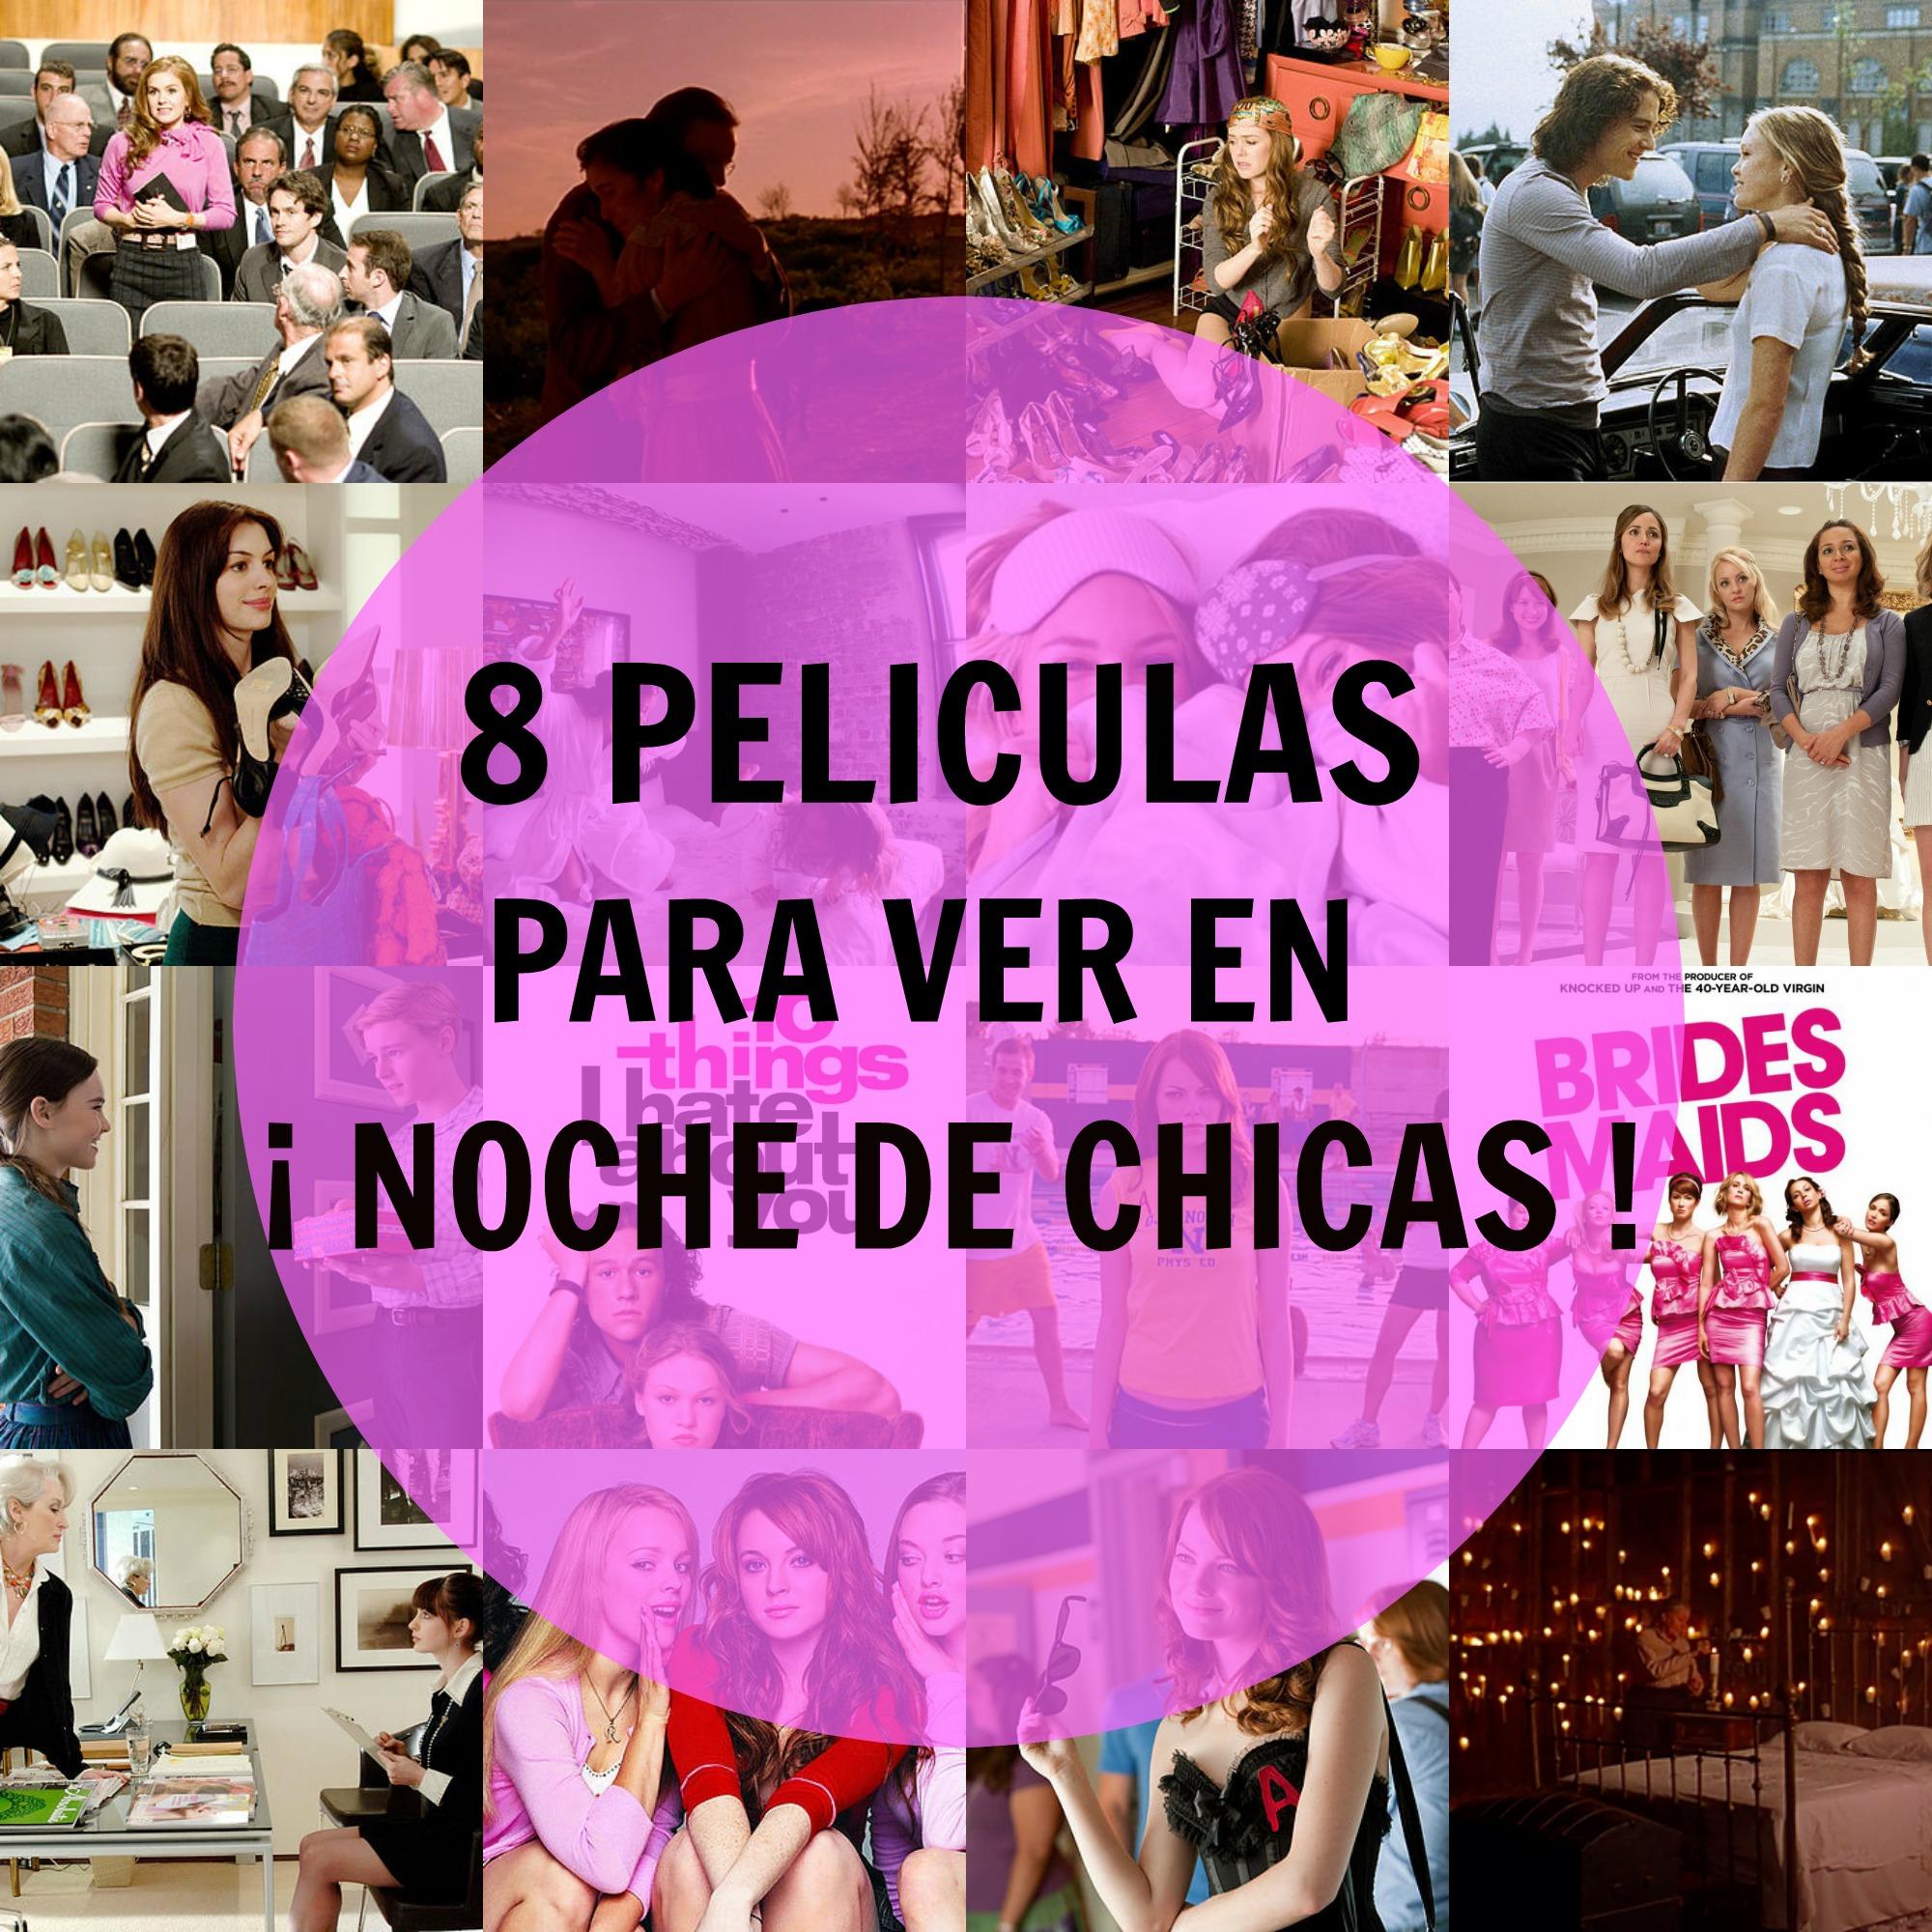 8 películas para Noche de Chicas 🎥💁🏻 | andreapadilla